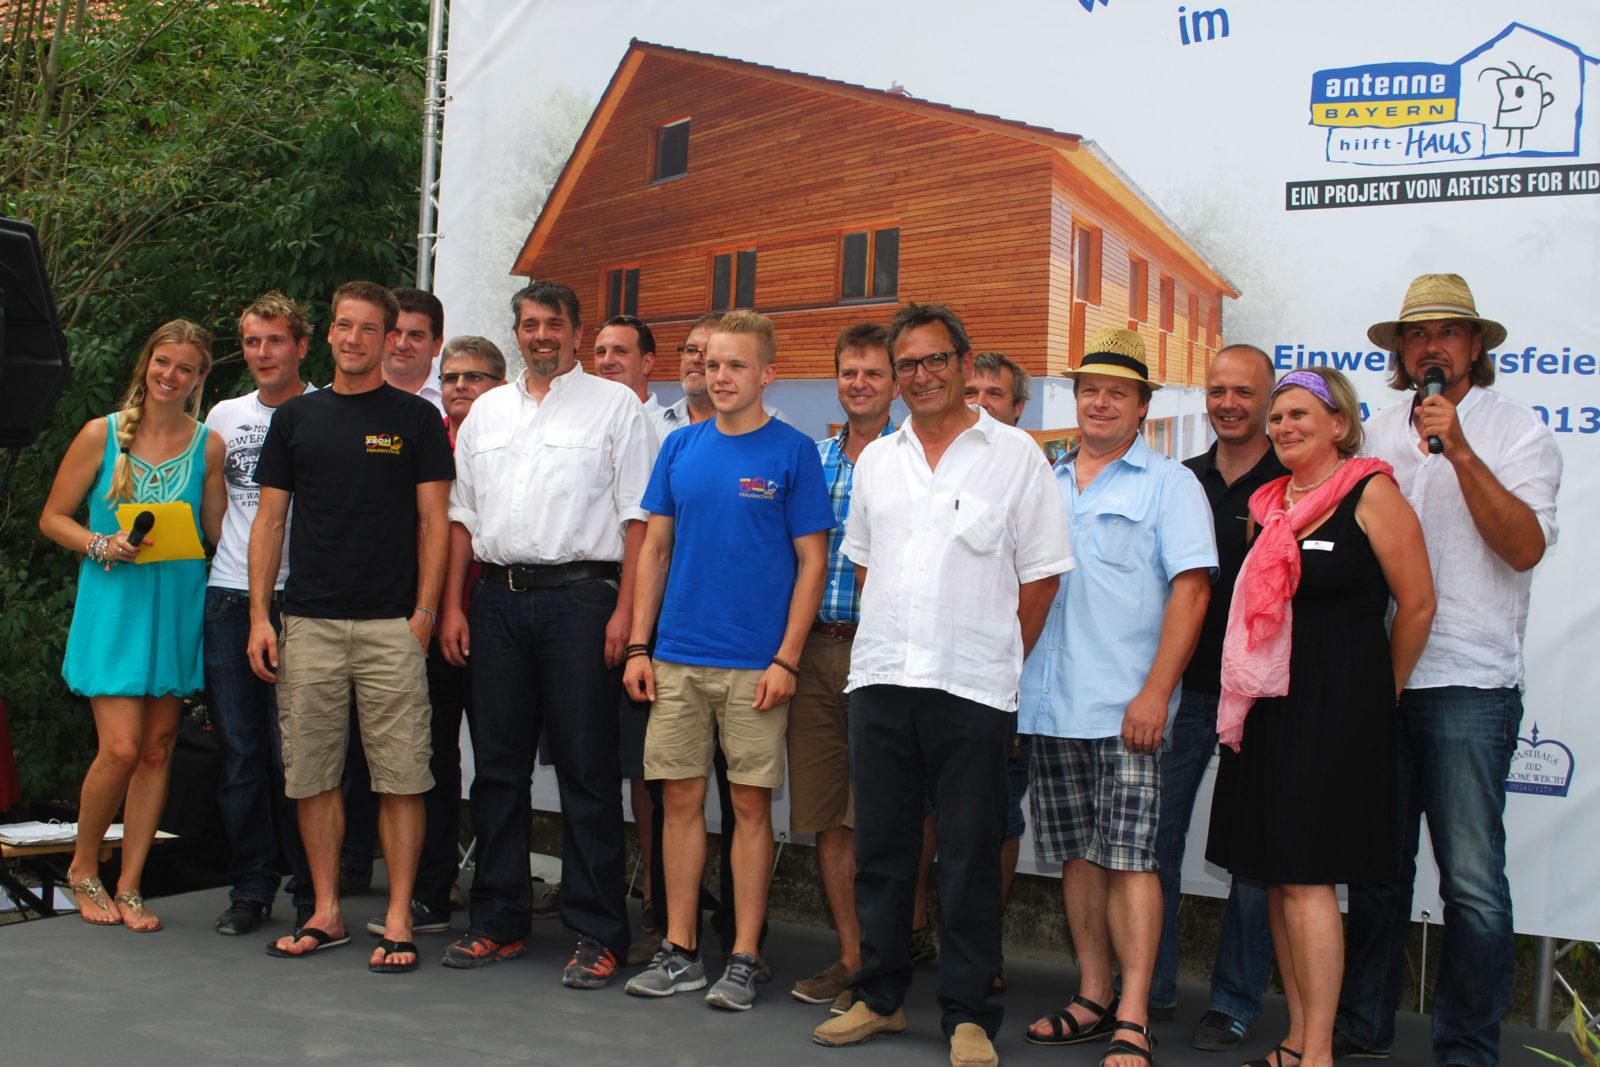 Einweihung Antenne Bayern hilft - Haus